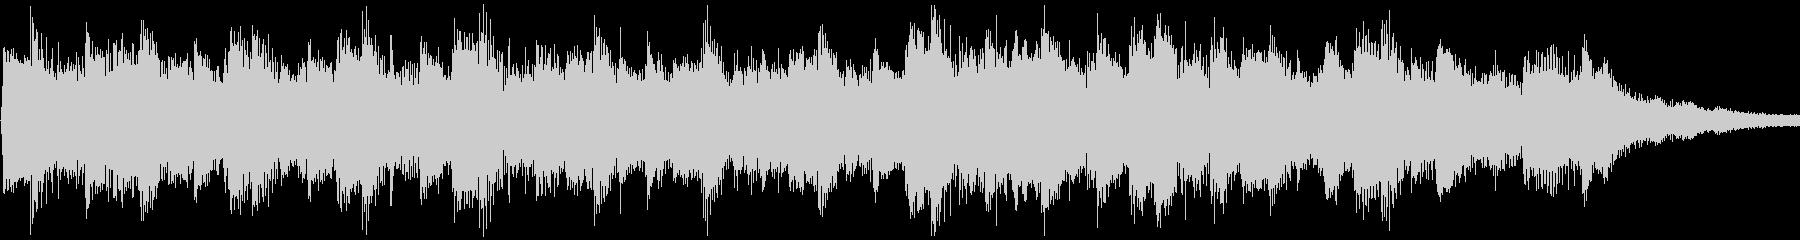 <Loop>せつない感じの ピアノ②の未再生の波形